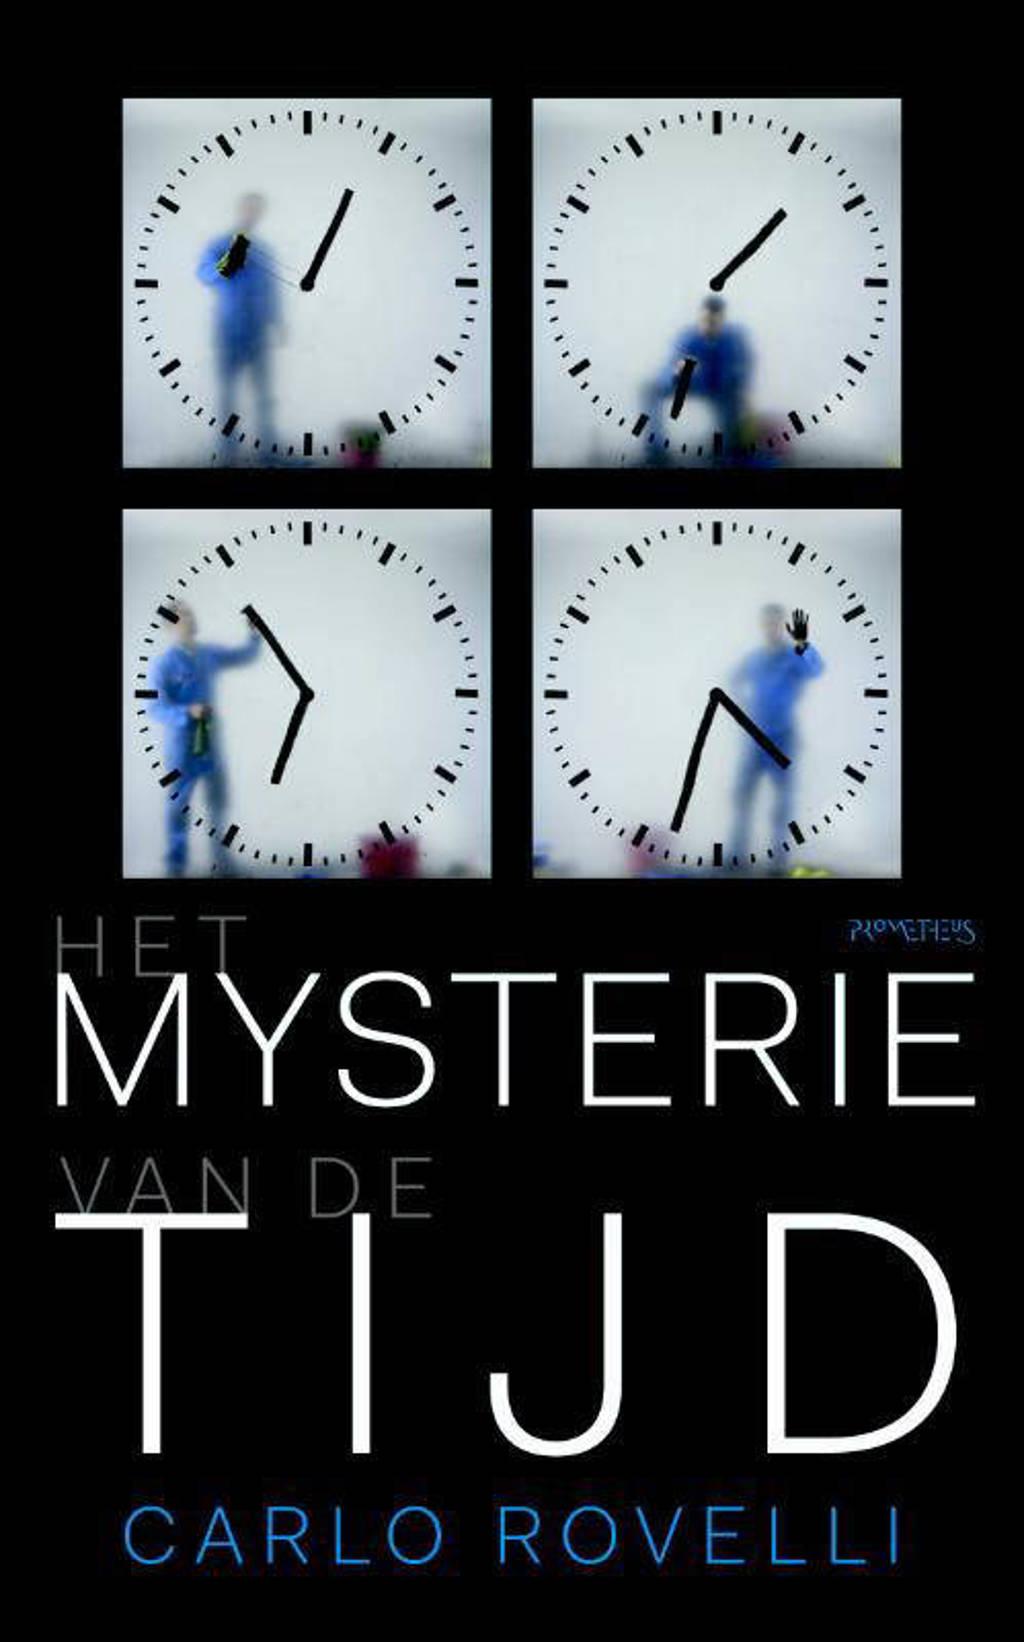 Het mysterie van de tijd - Carlo Rovelli